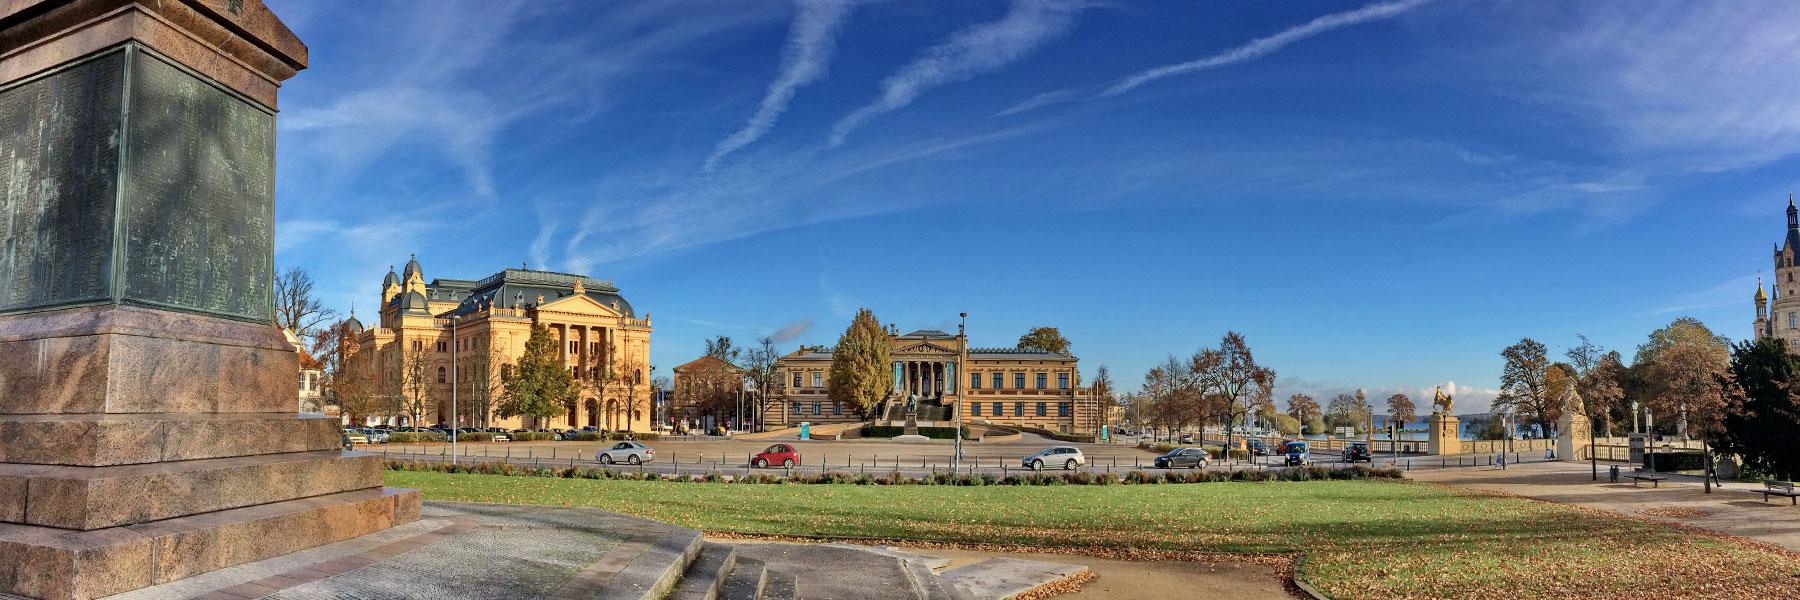 Theater Museum - Schwerin